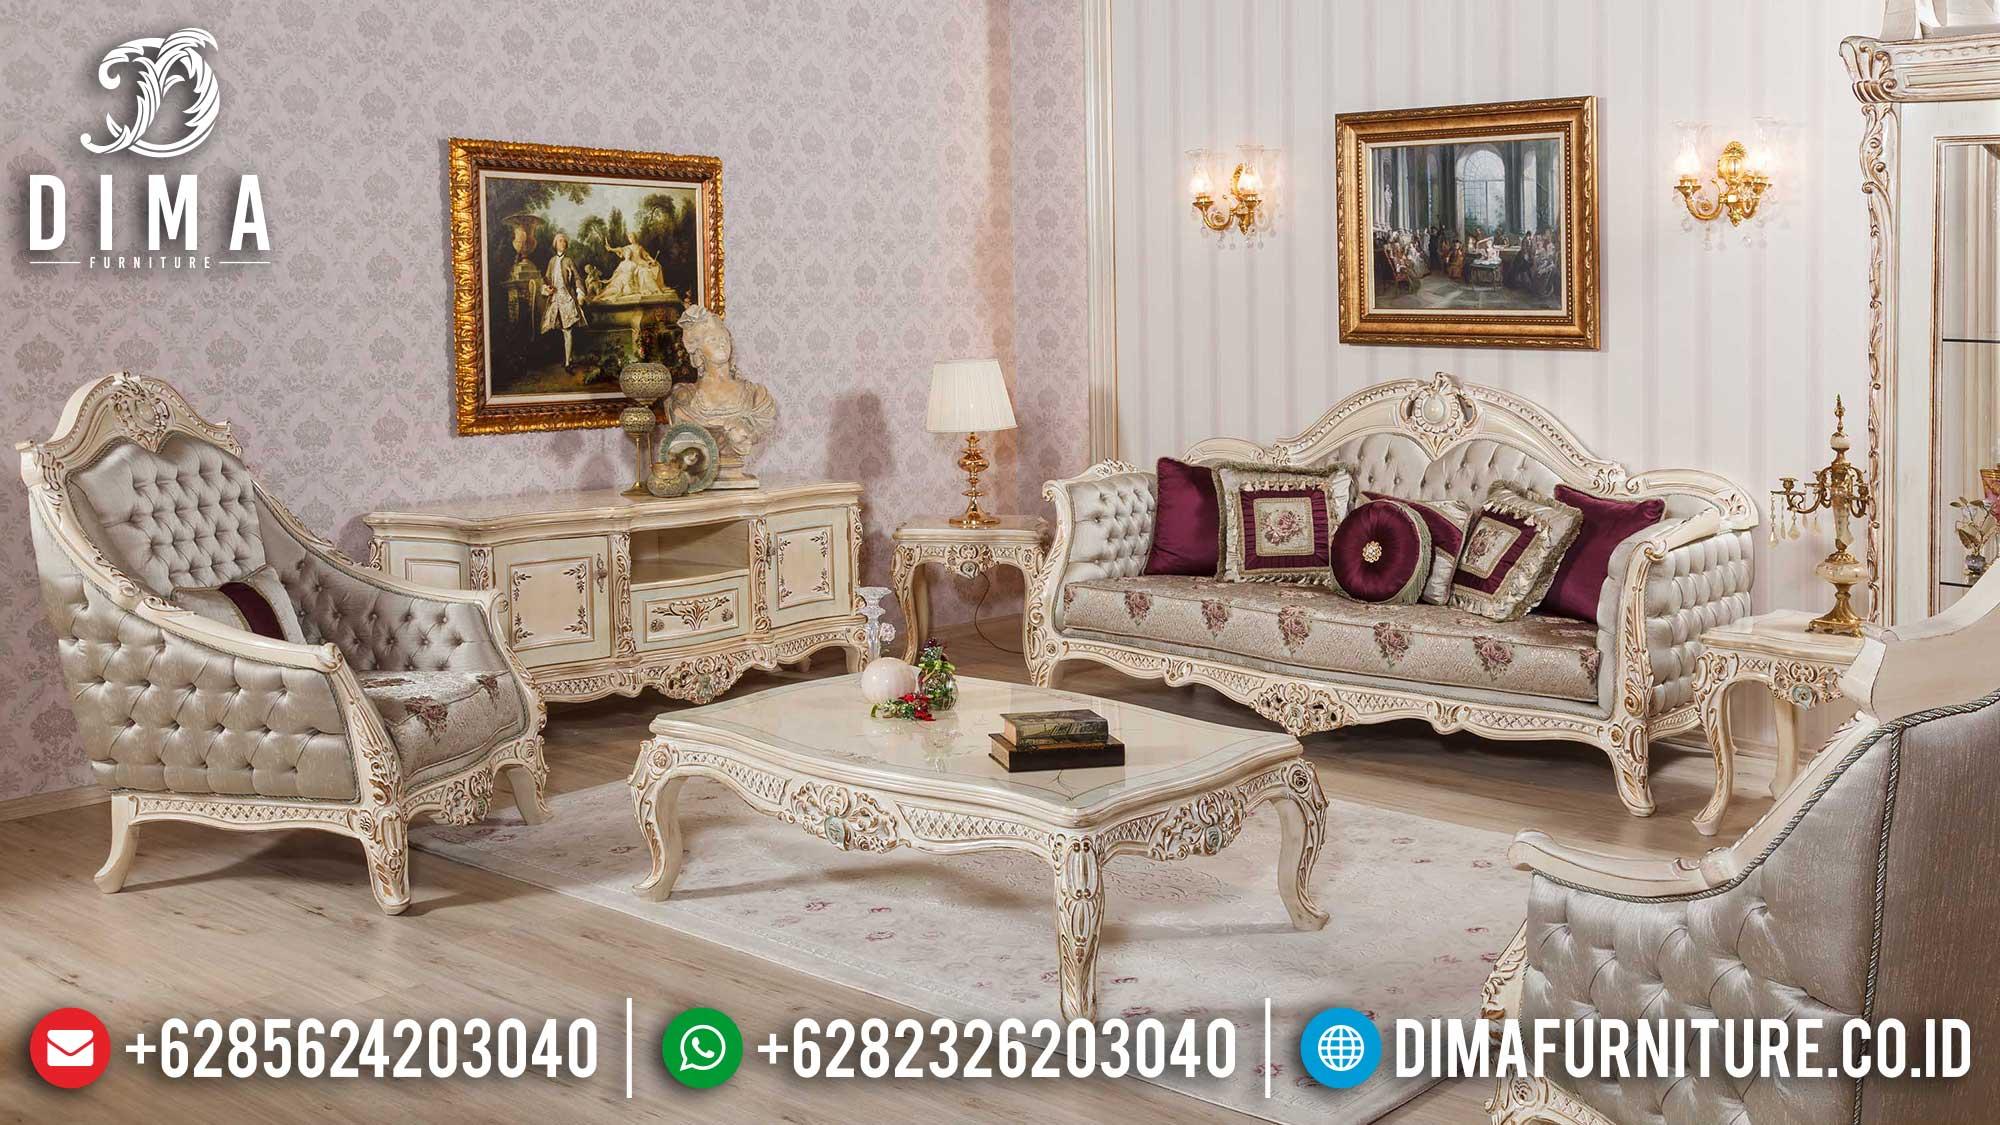 Camonix Color Sofa Tamu Mewah Jepara Terbaru Luxury Carving Majestic TTJ-1508